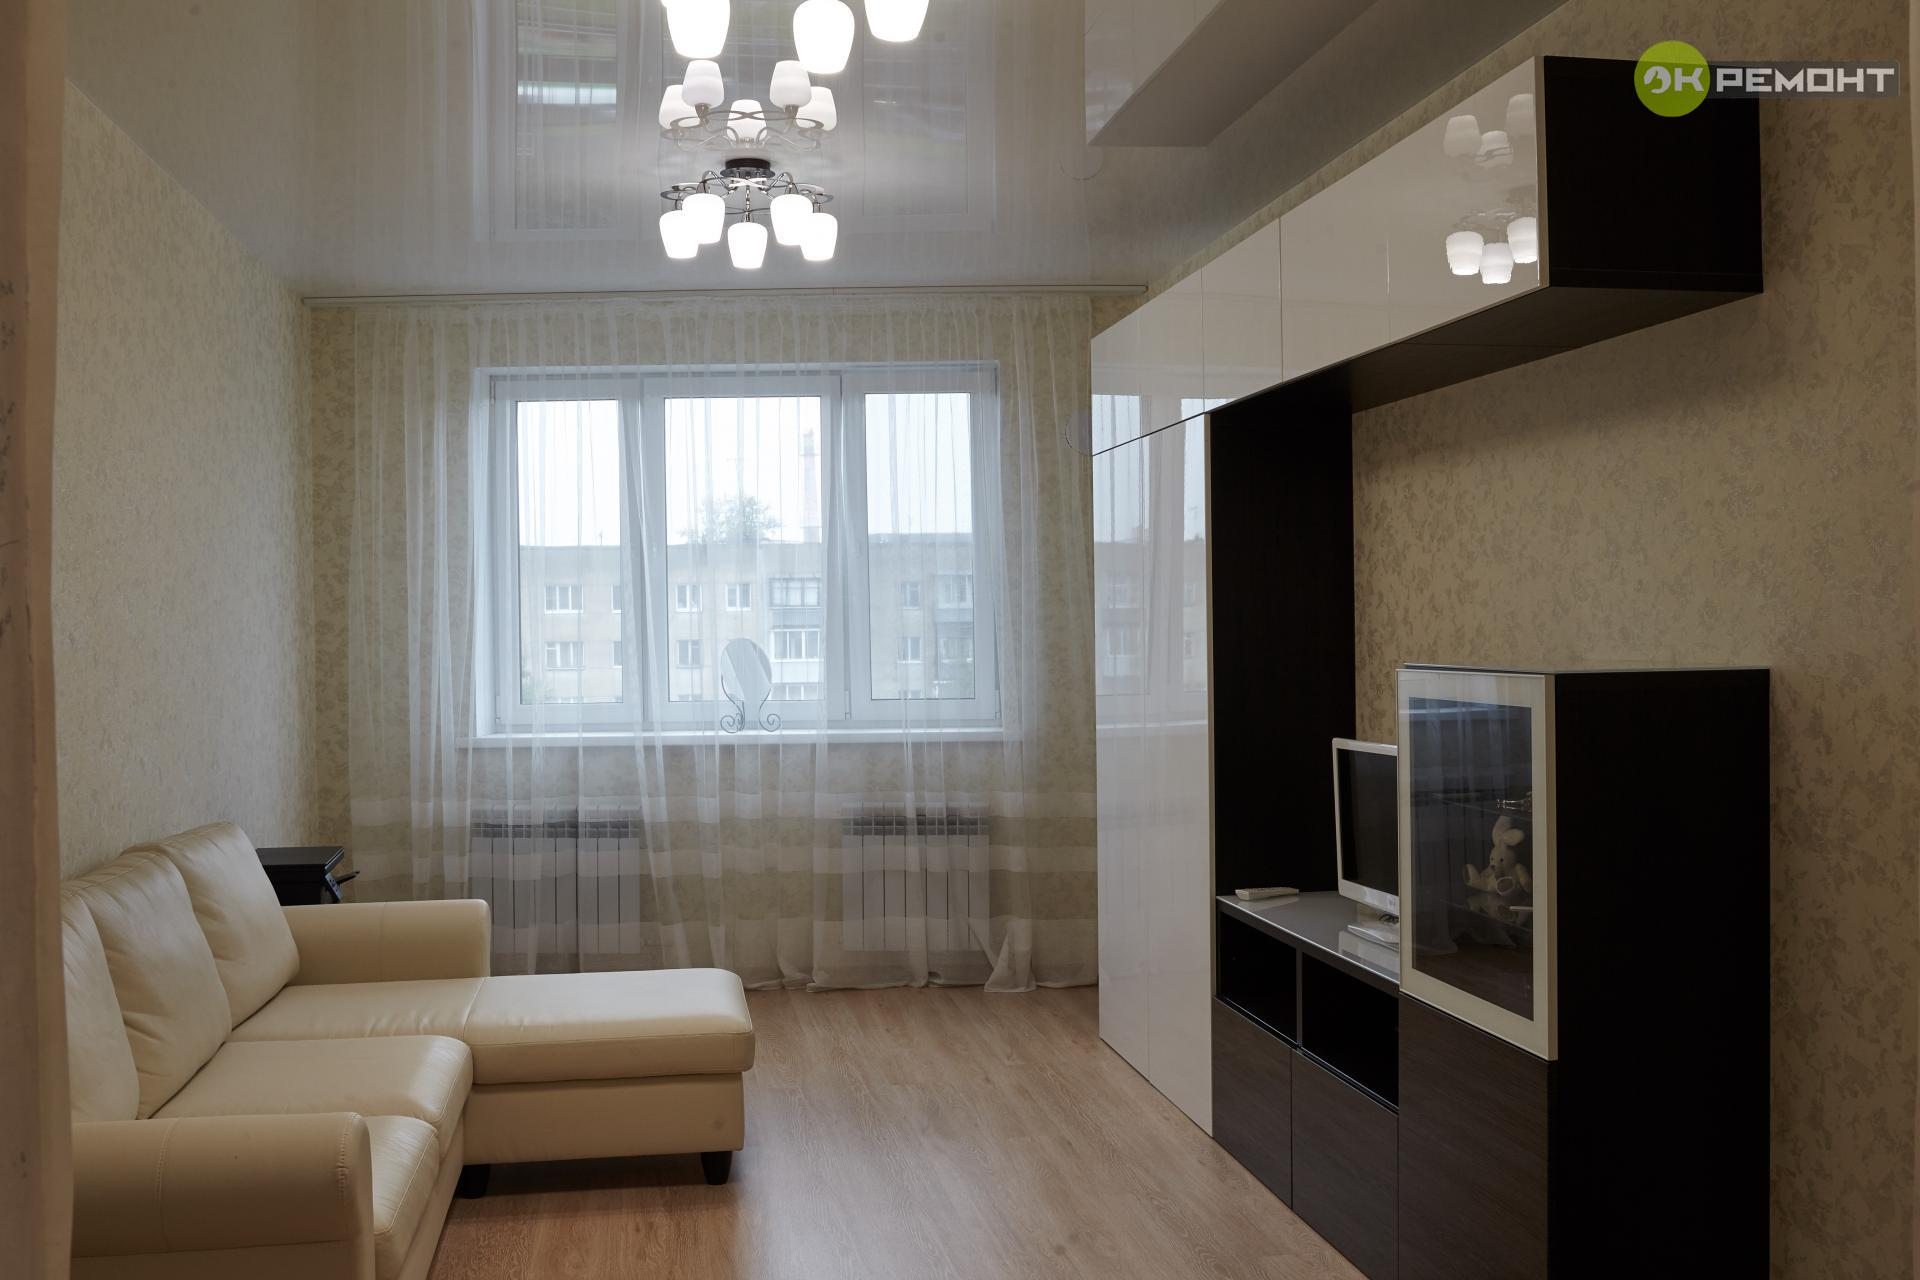 Косметический ремонт квартир и офисов в СПб - ремонт под